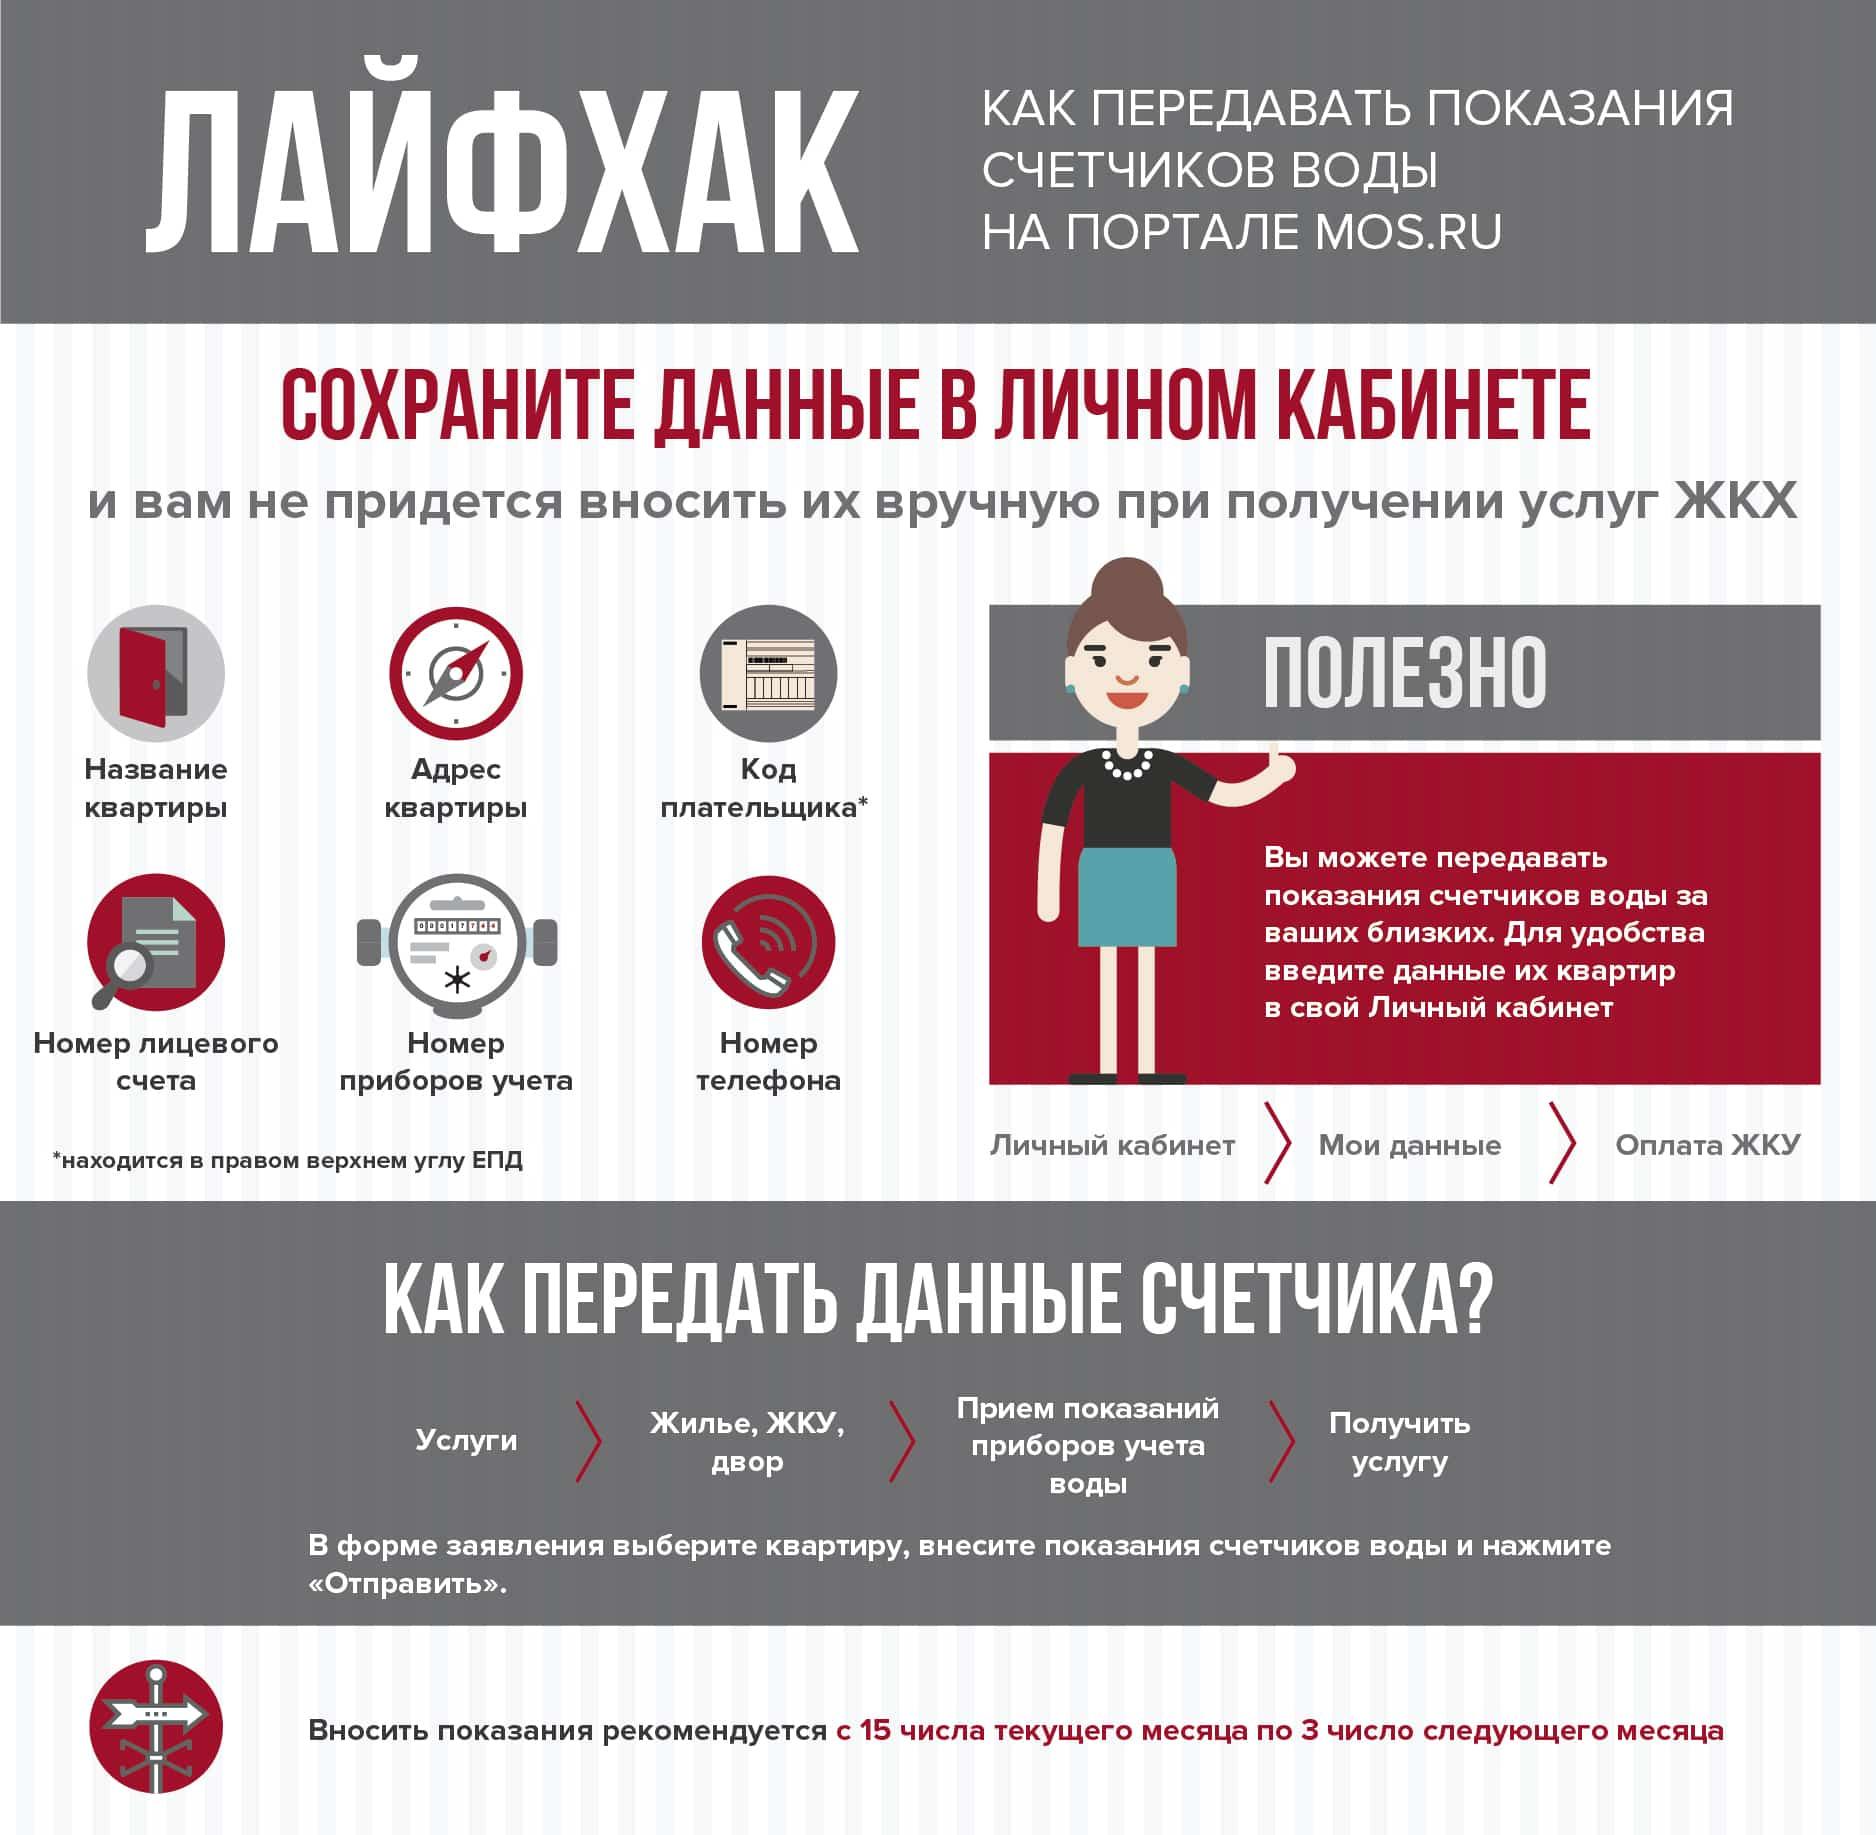 Передать показания счетчика Москва (mos.ru)